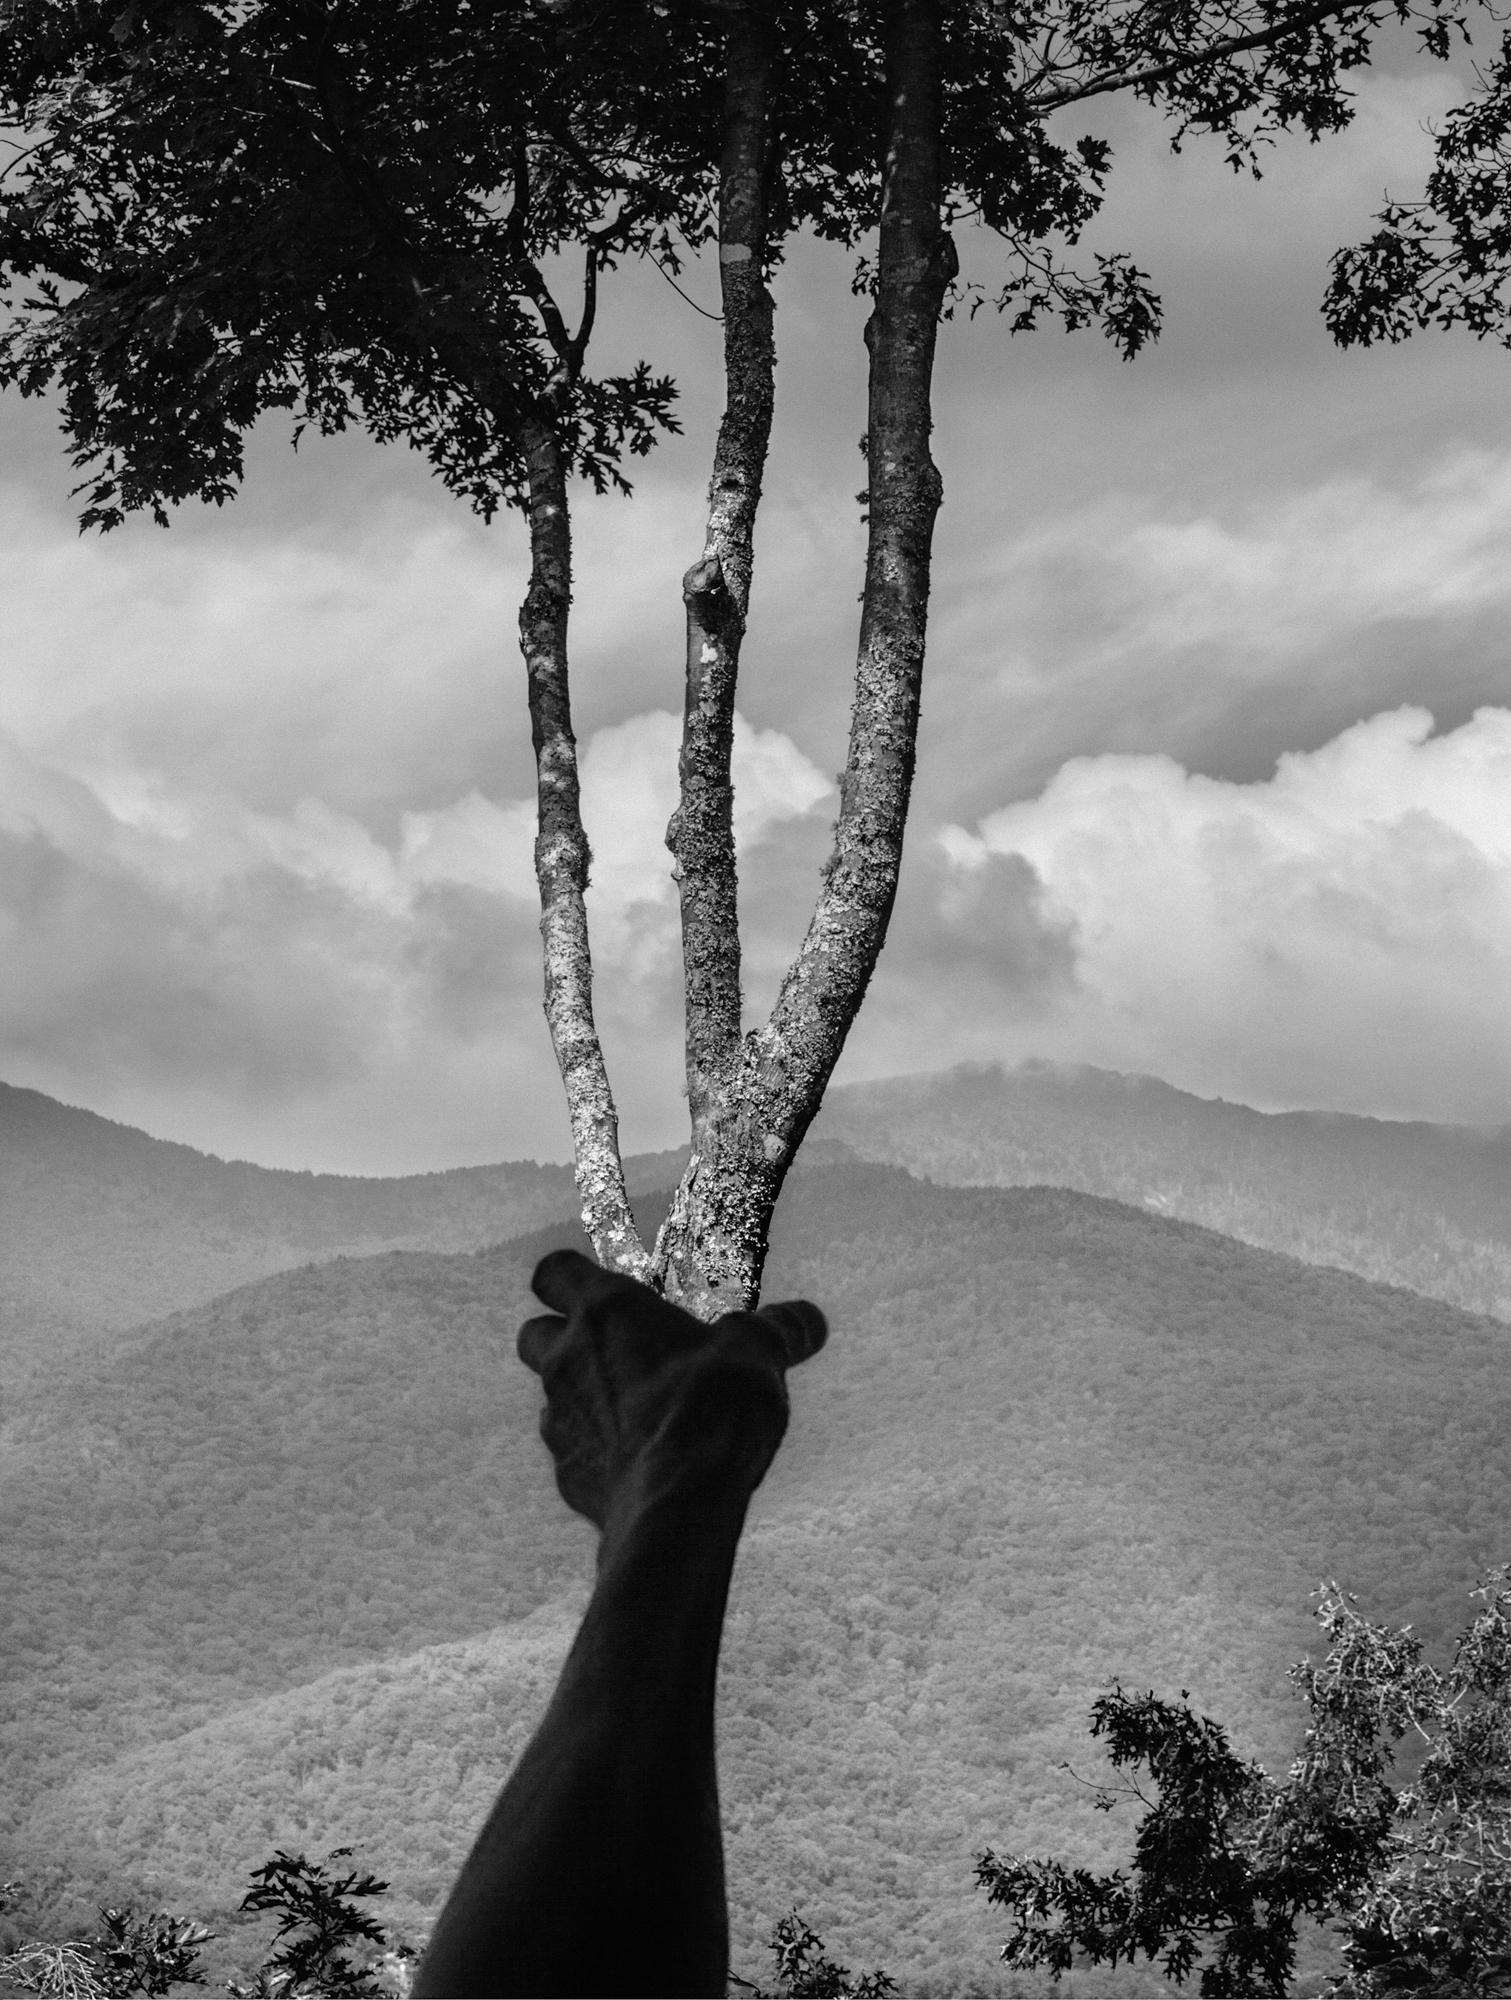 Arno Rafel Minkkinen - Halfway Up Mt. Mitchell, Burnsville, North Carolina 2013